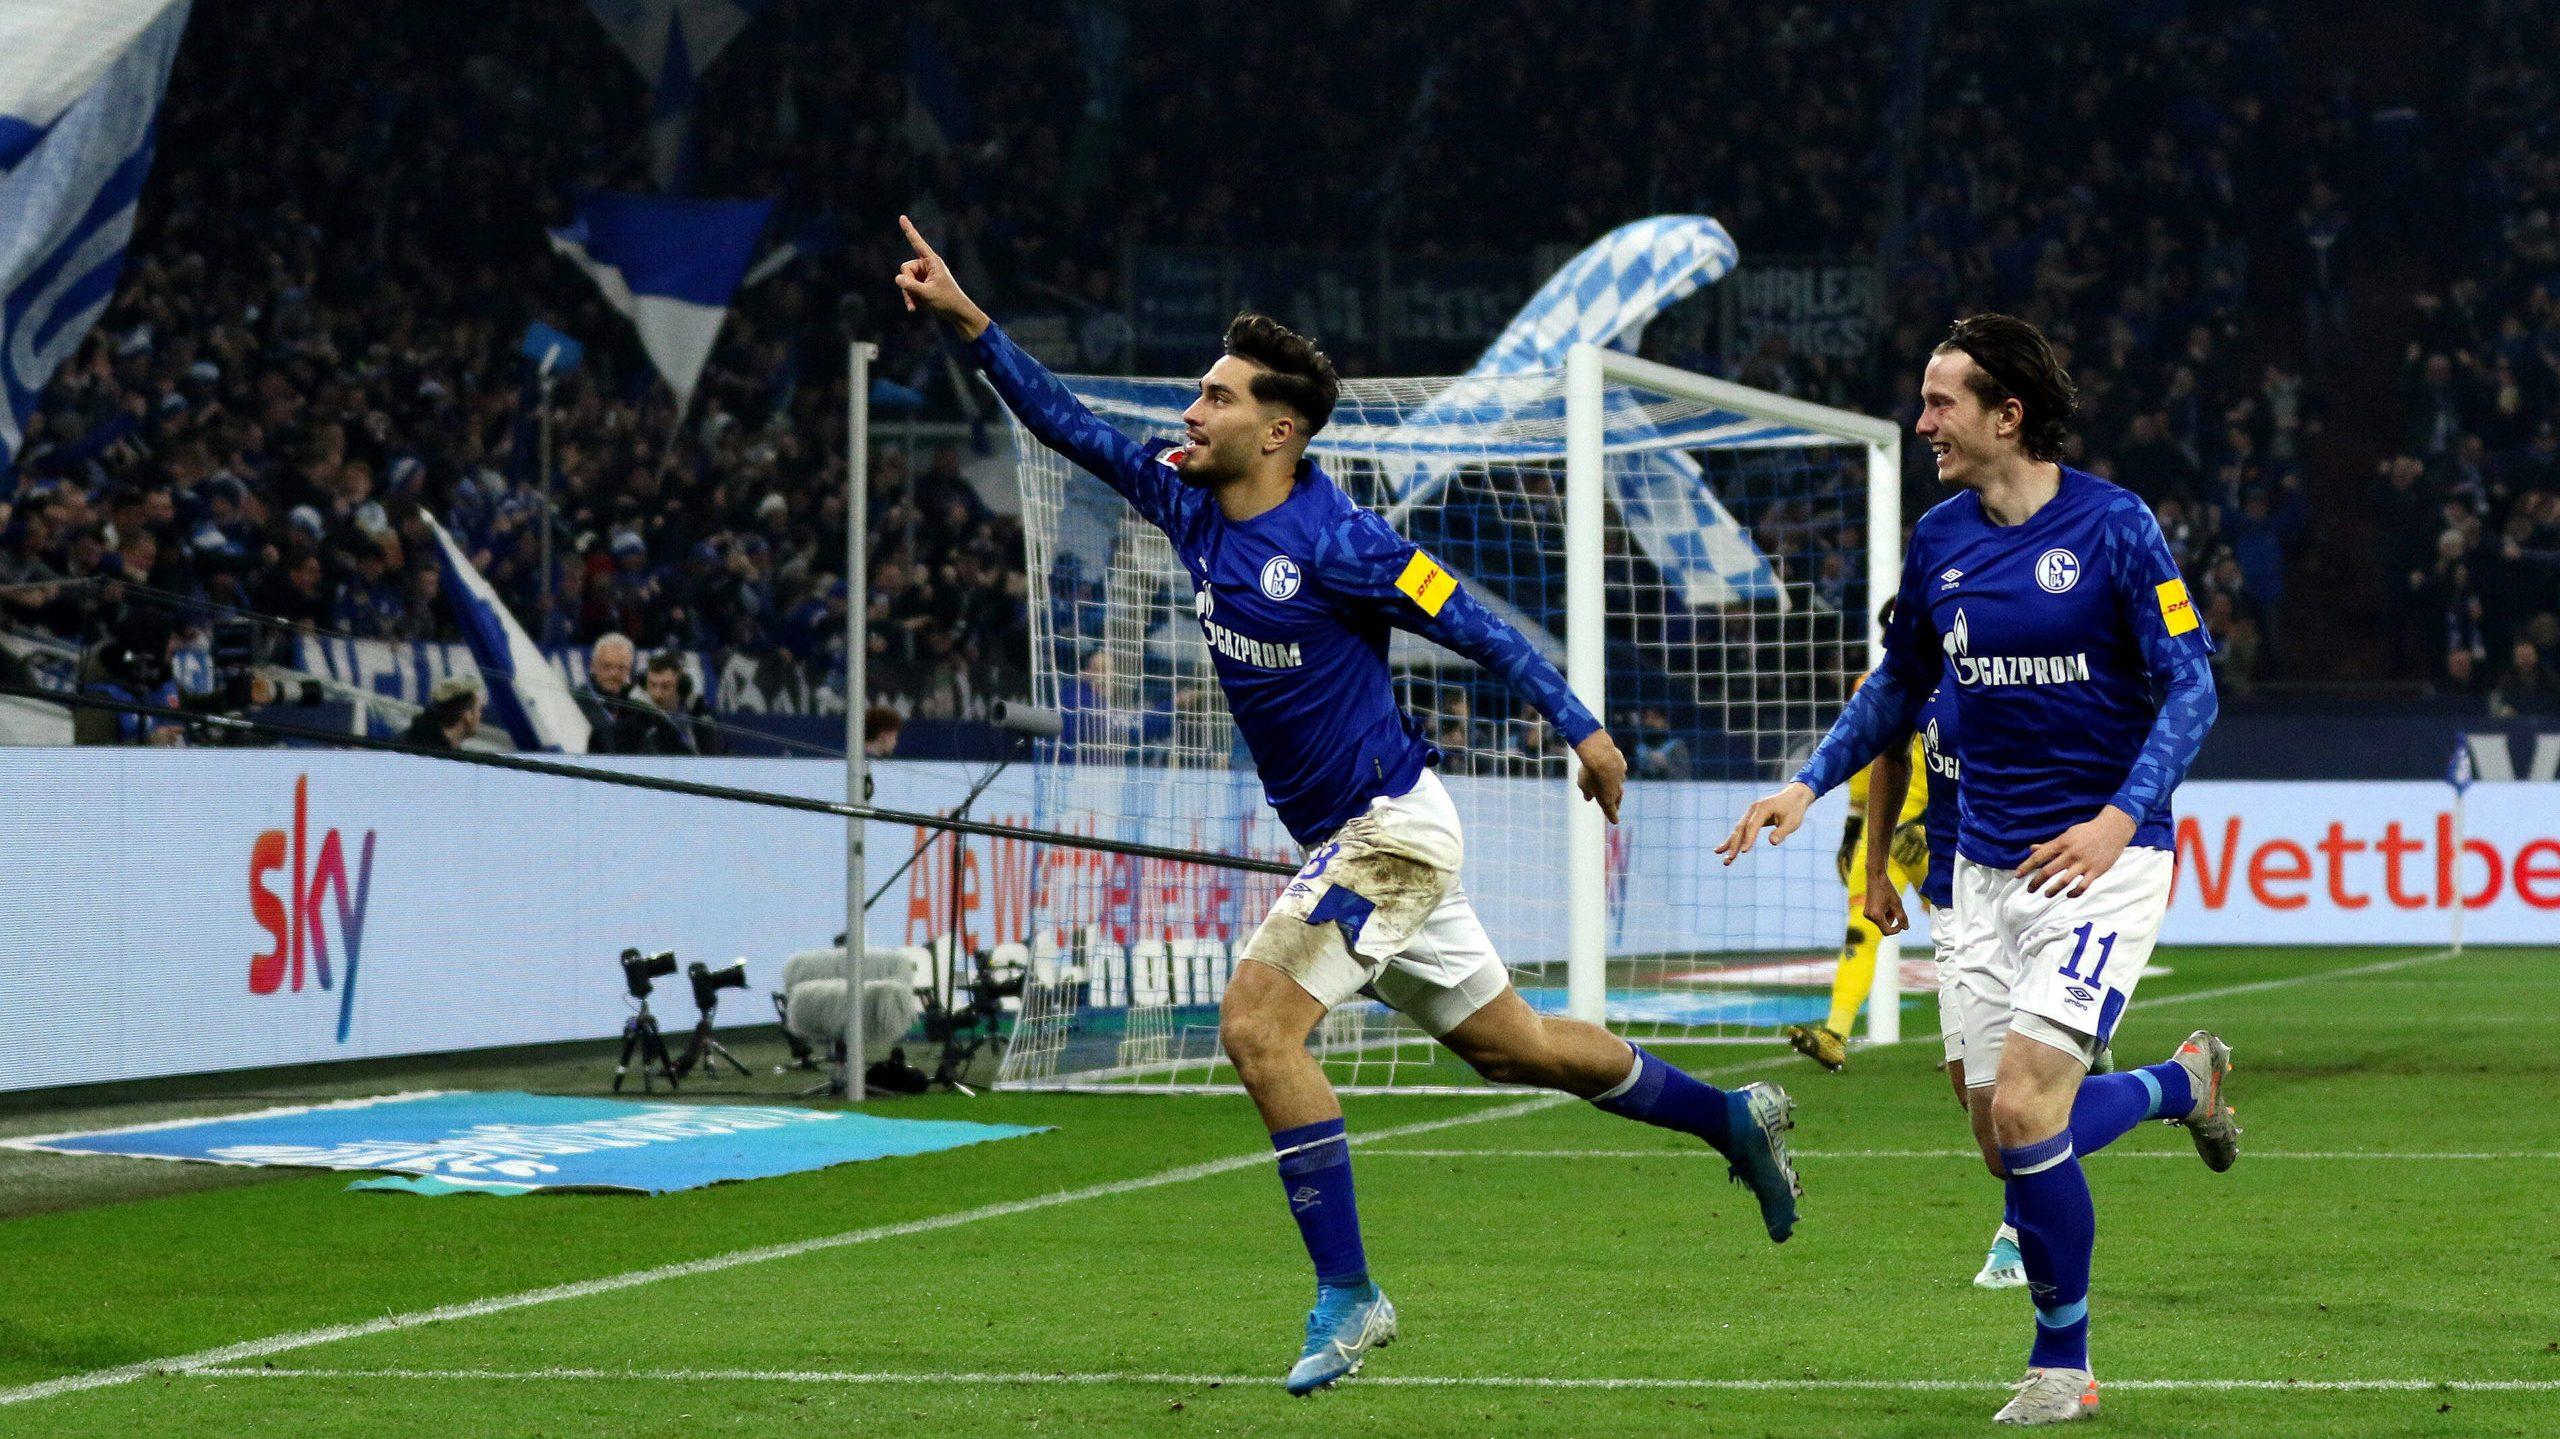 Serdar and Gregoritsch on target as Schalke beat Gladbach